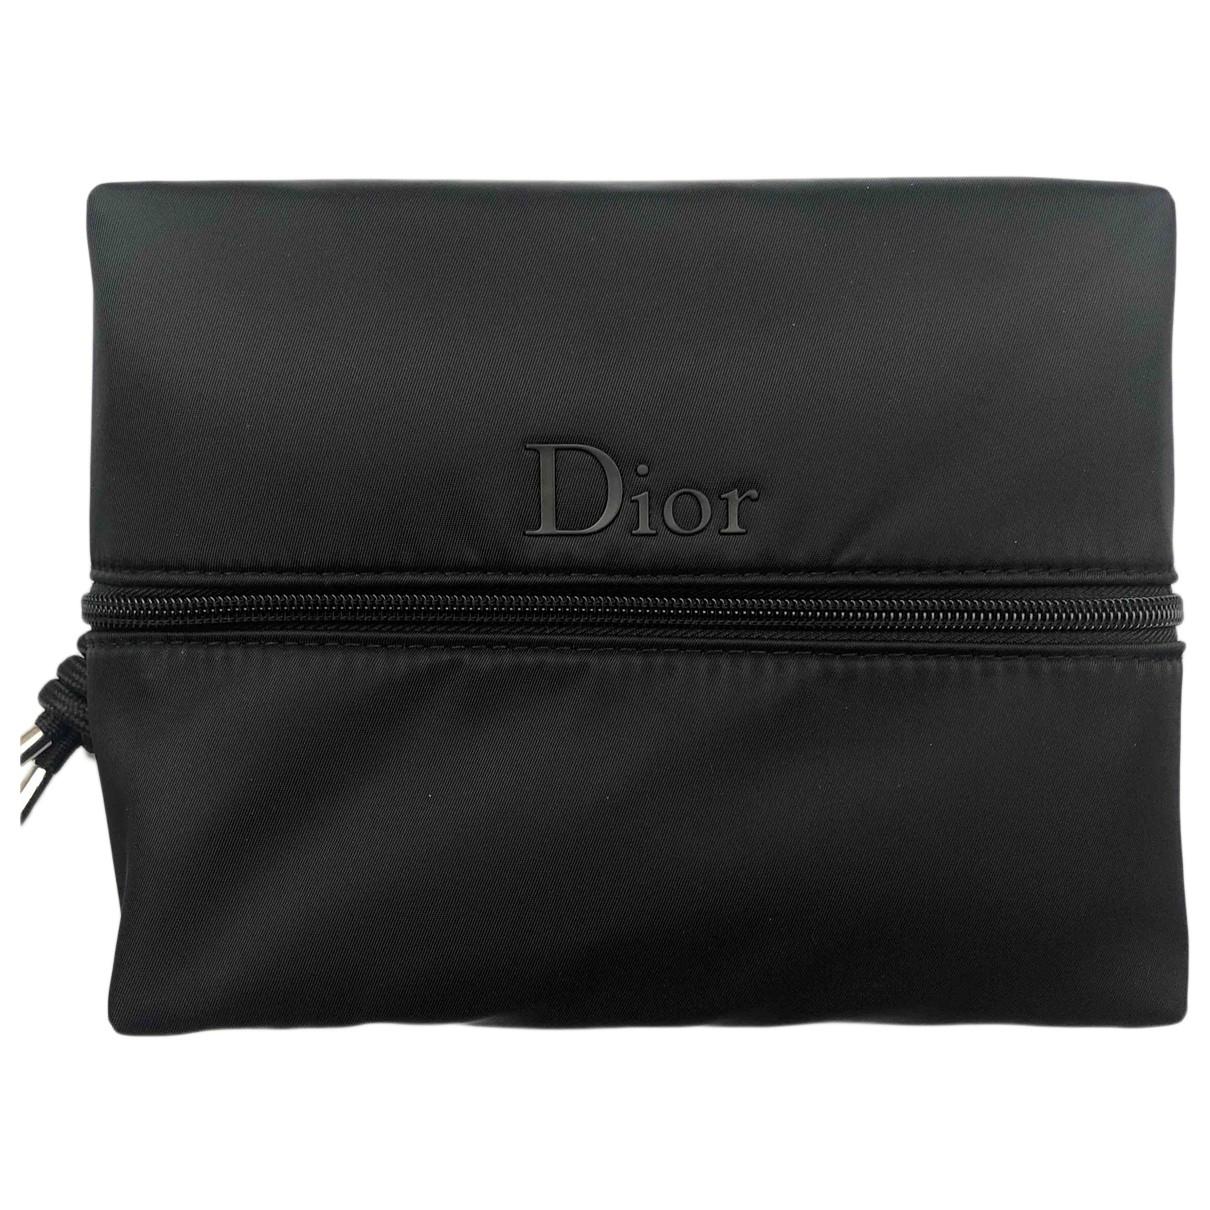 Dior - Petite maroquinerie   pour femme en autre - noir